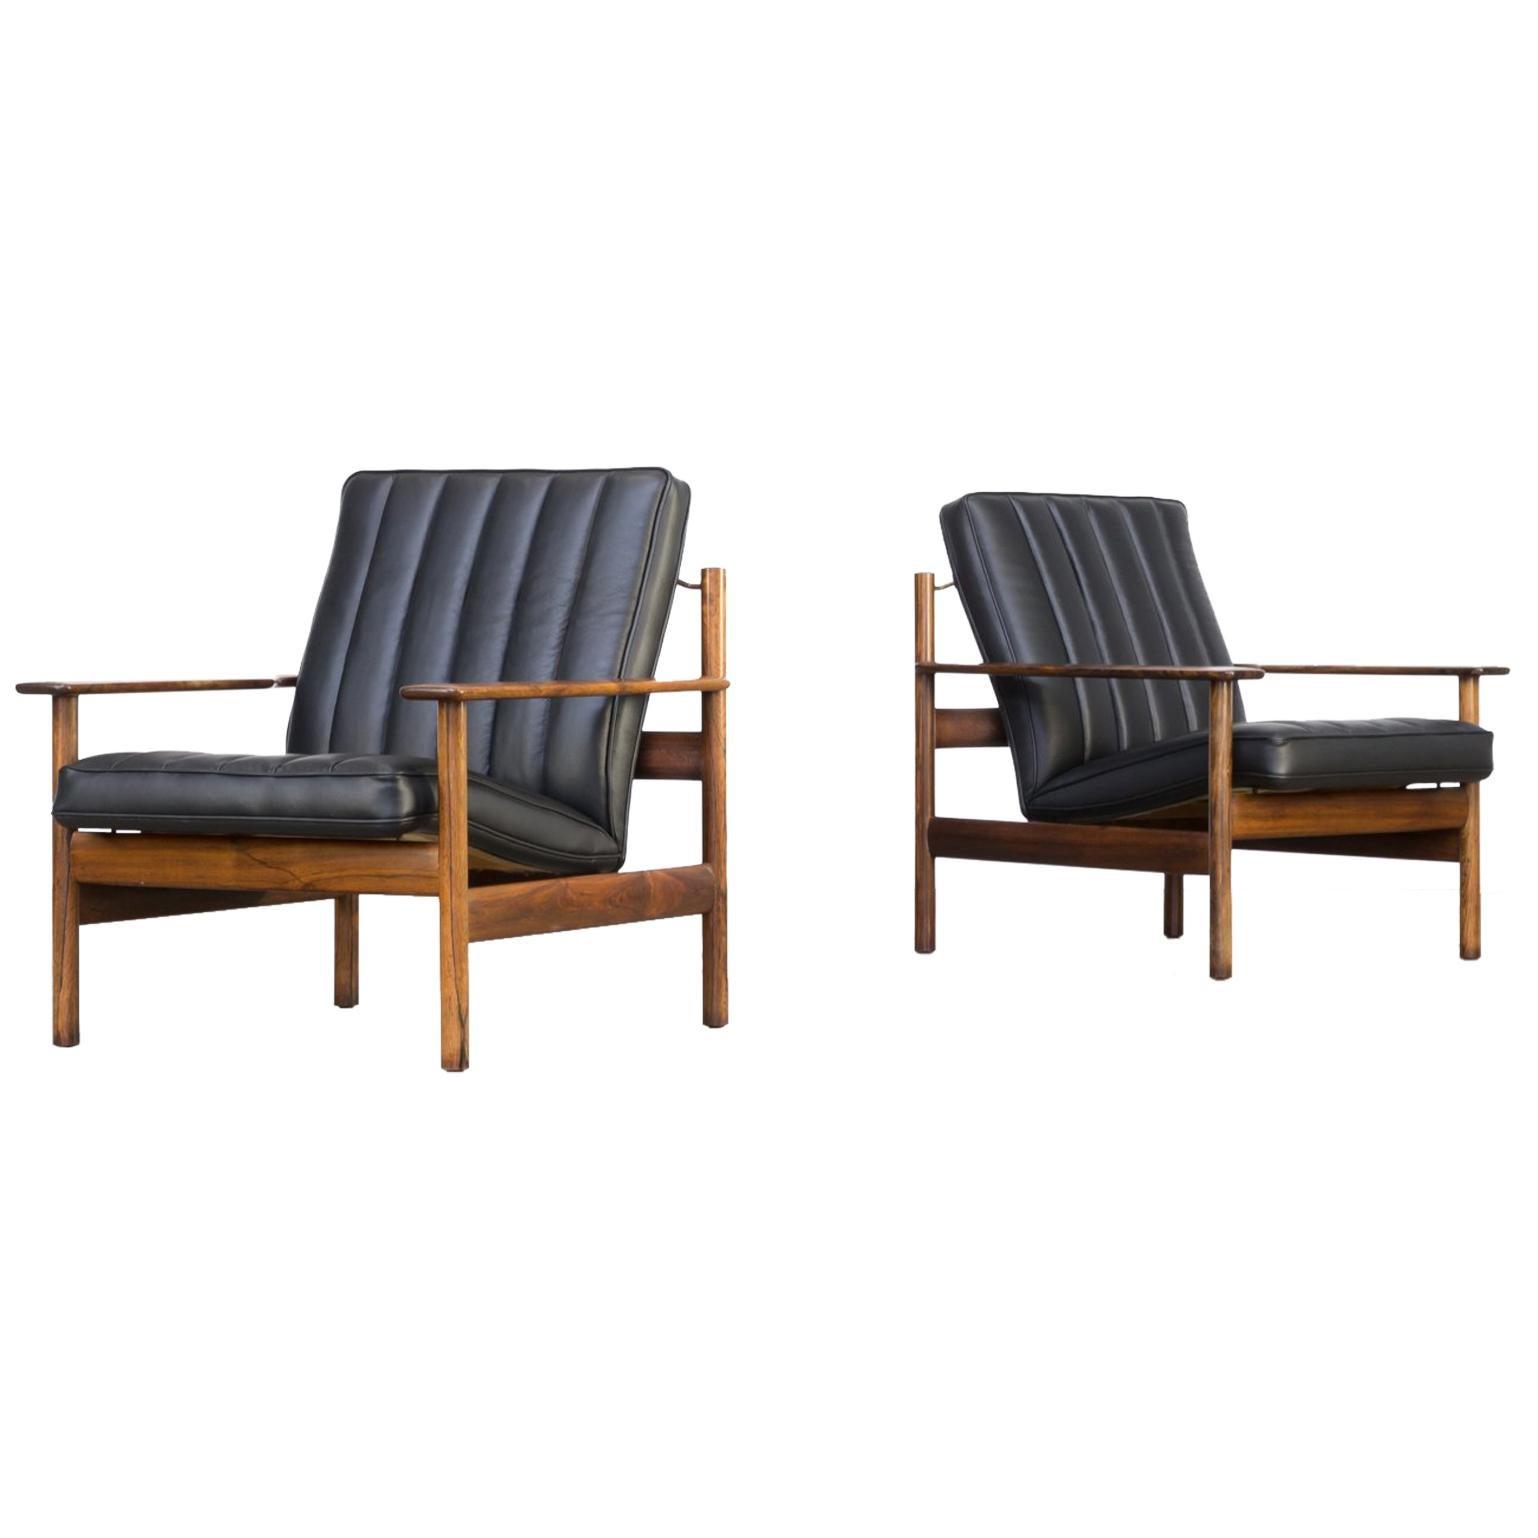 1960s Sven Ivar Dysthe Lounge Chair for Dokka Mobler Set of 2